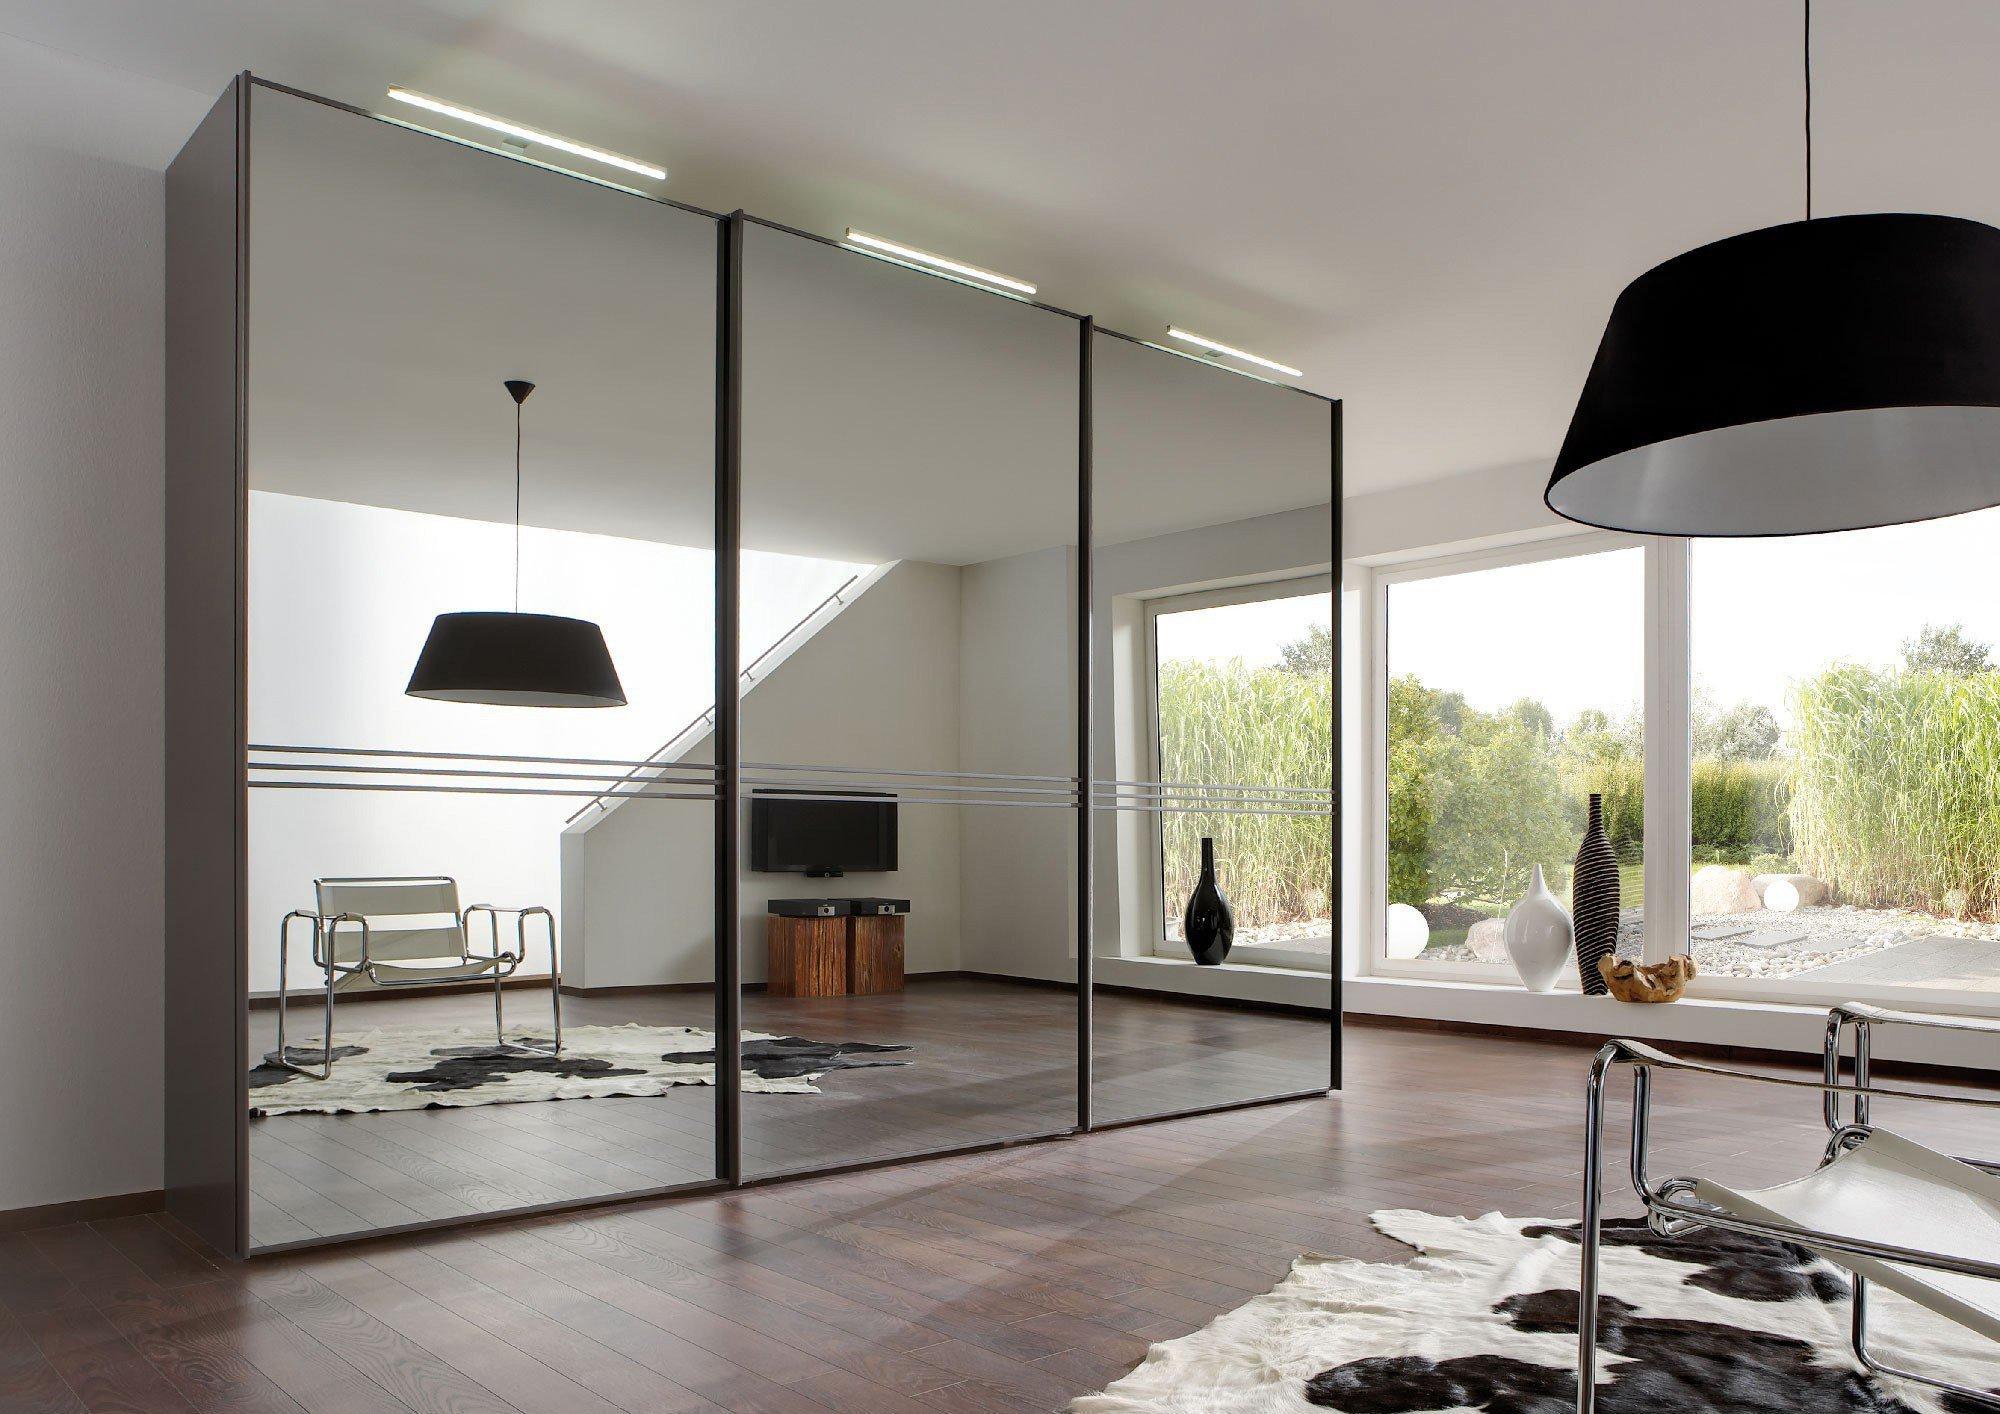 sinfonie plus von staud schrank anthrazit grauspiegel schr nke online kaufen betten. Black Bedroom Furniture Sets. Home Design Ideas